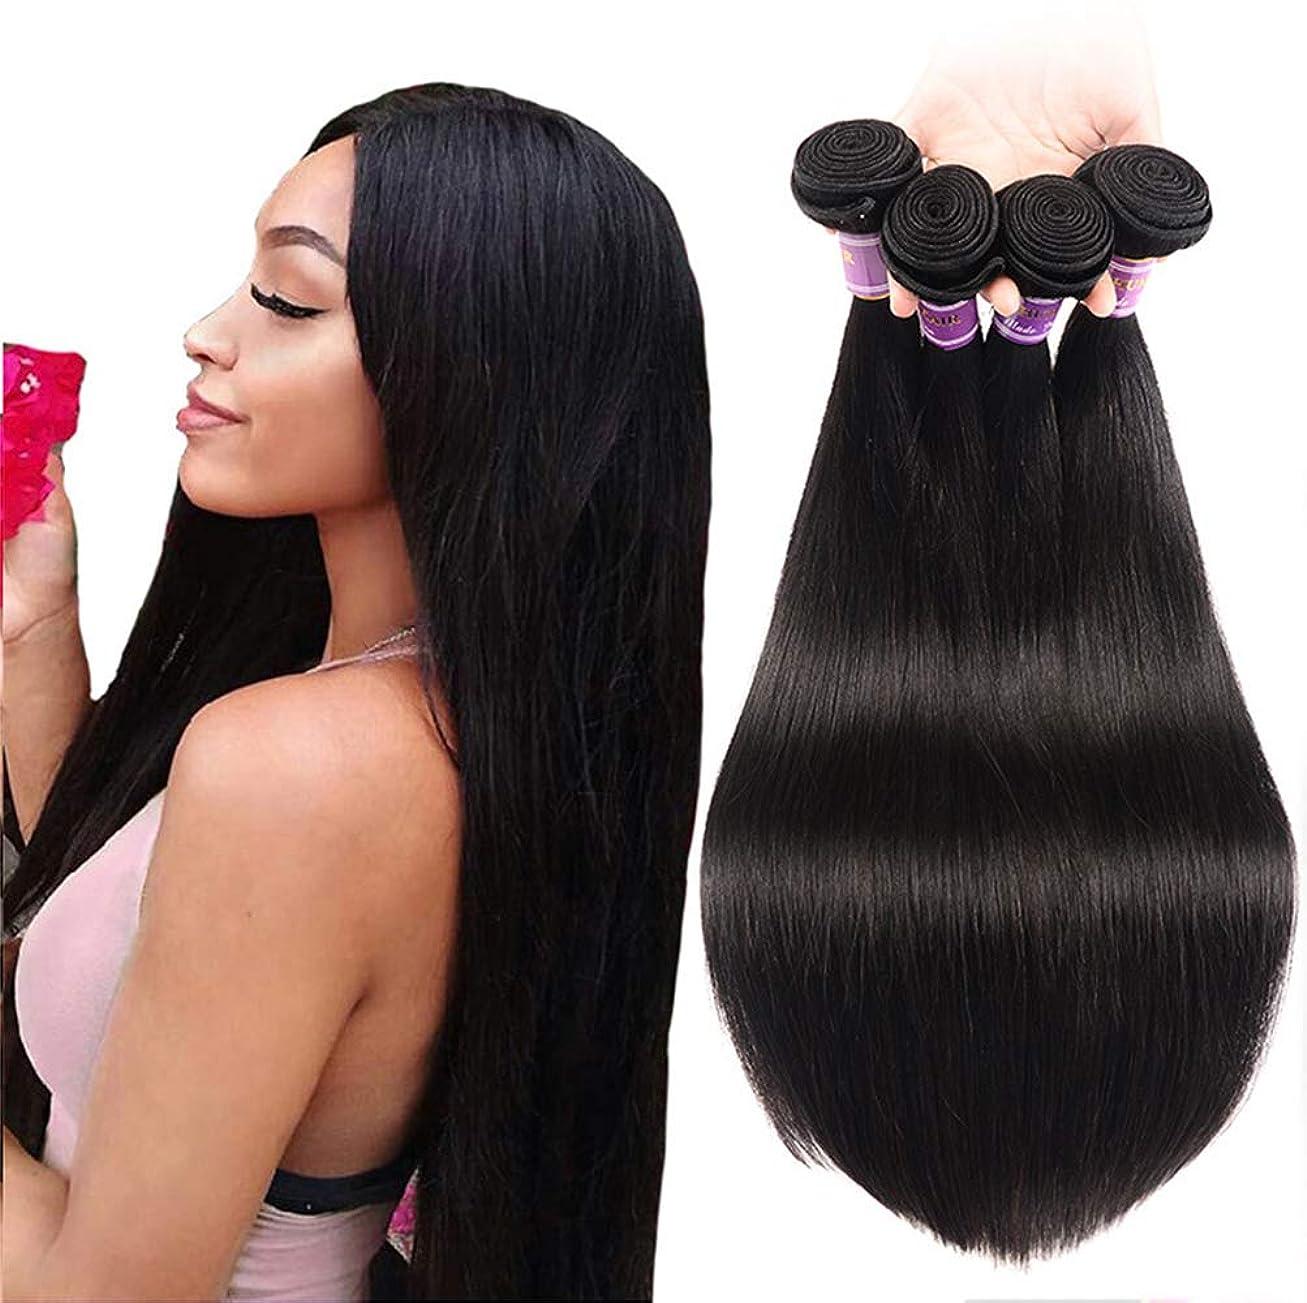 避けるハイキング戸惑う女性ブラジルバージン人間の髪の毛1バンドルストレートウェーブ横糸100%本物の人間の髪の毛の拡張子髪織り